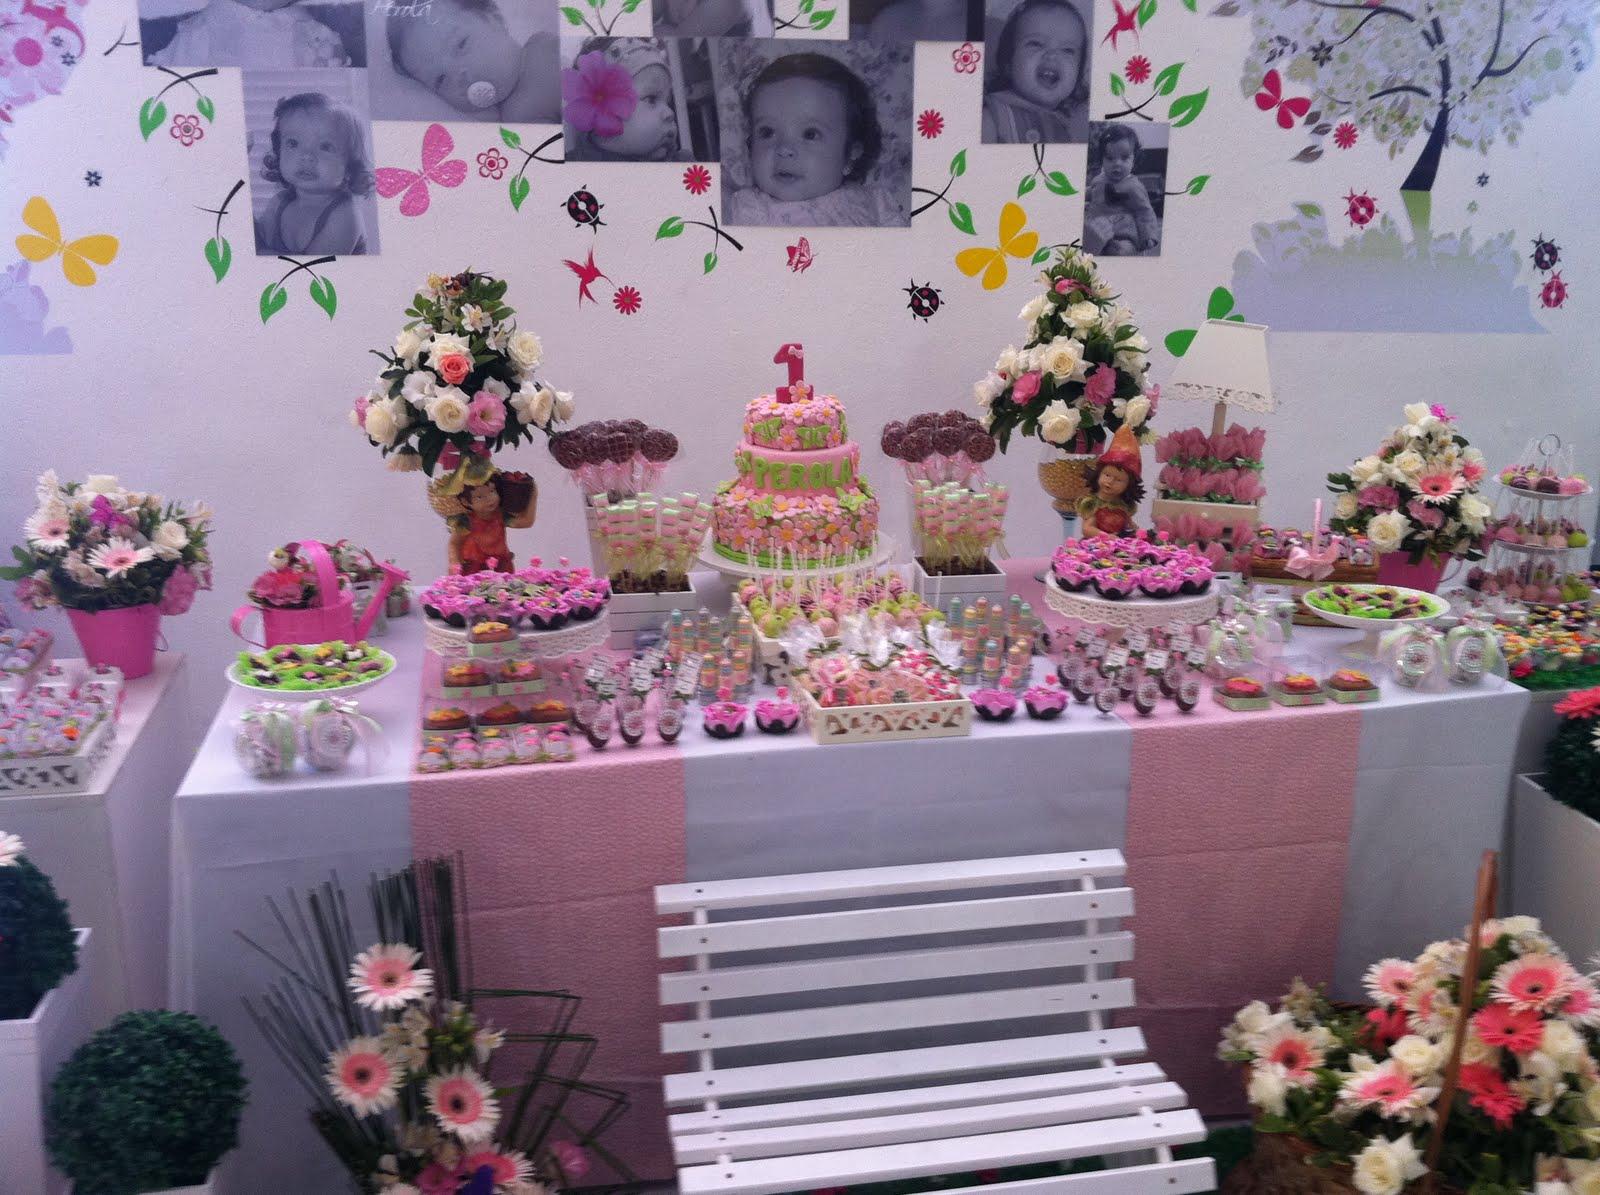 festa jardim infantil : festa jardim infantil:Postado por Serviços de buffet Empório D'egusta às 15:50